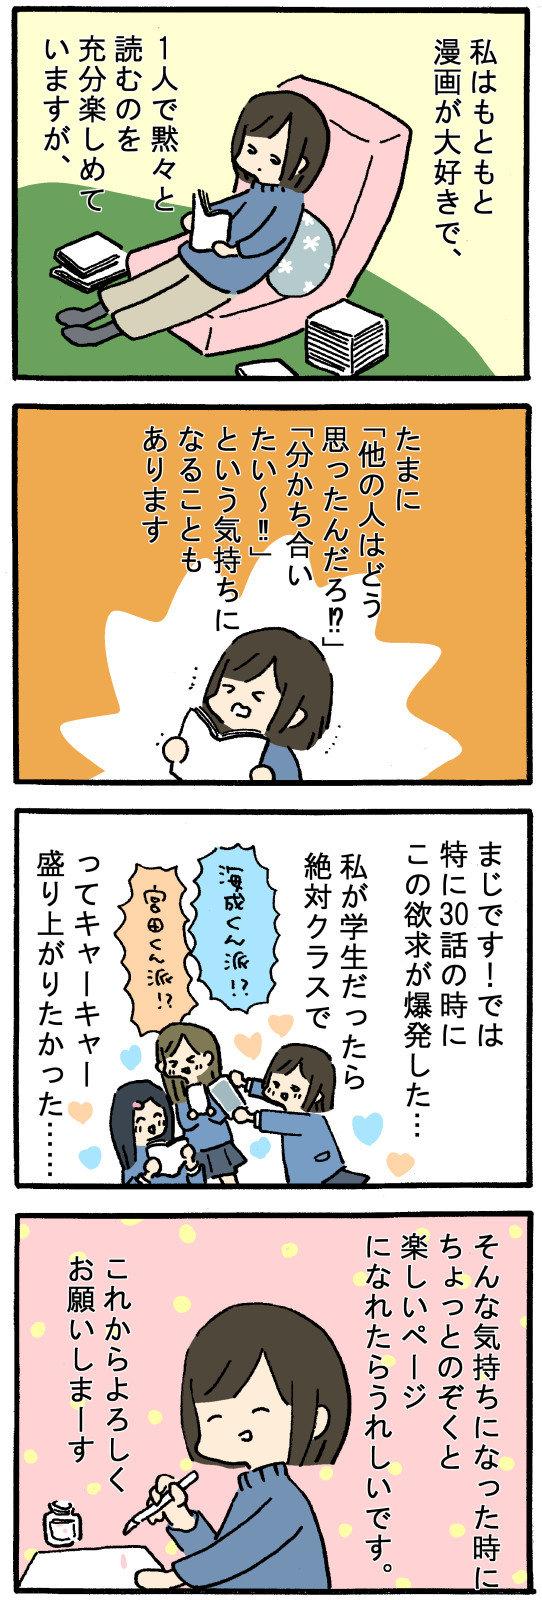 ごあいさつ漫画3.jpg